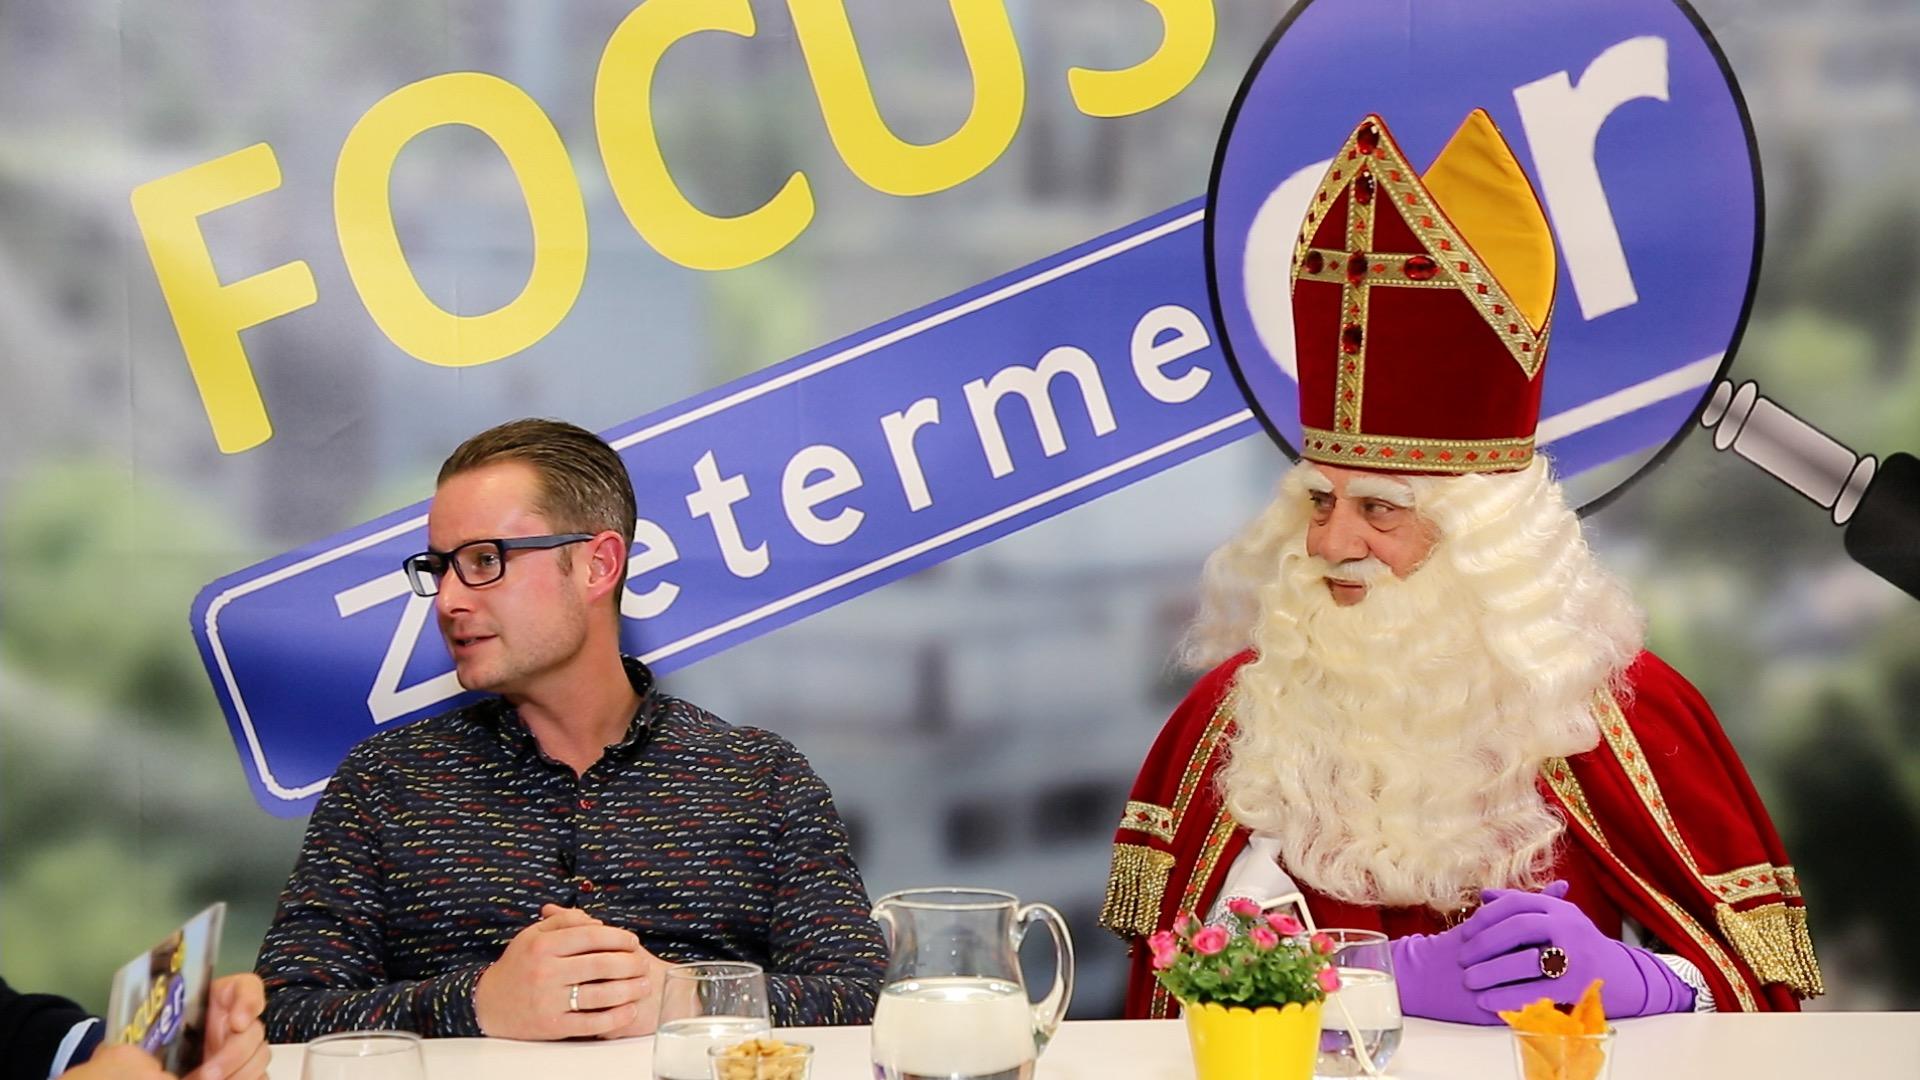 Focus op Zoetermeer (Jaargang 1 Aflevering 23)